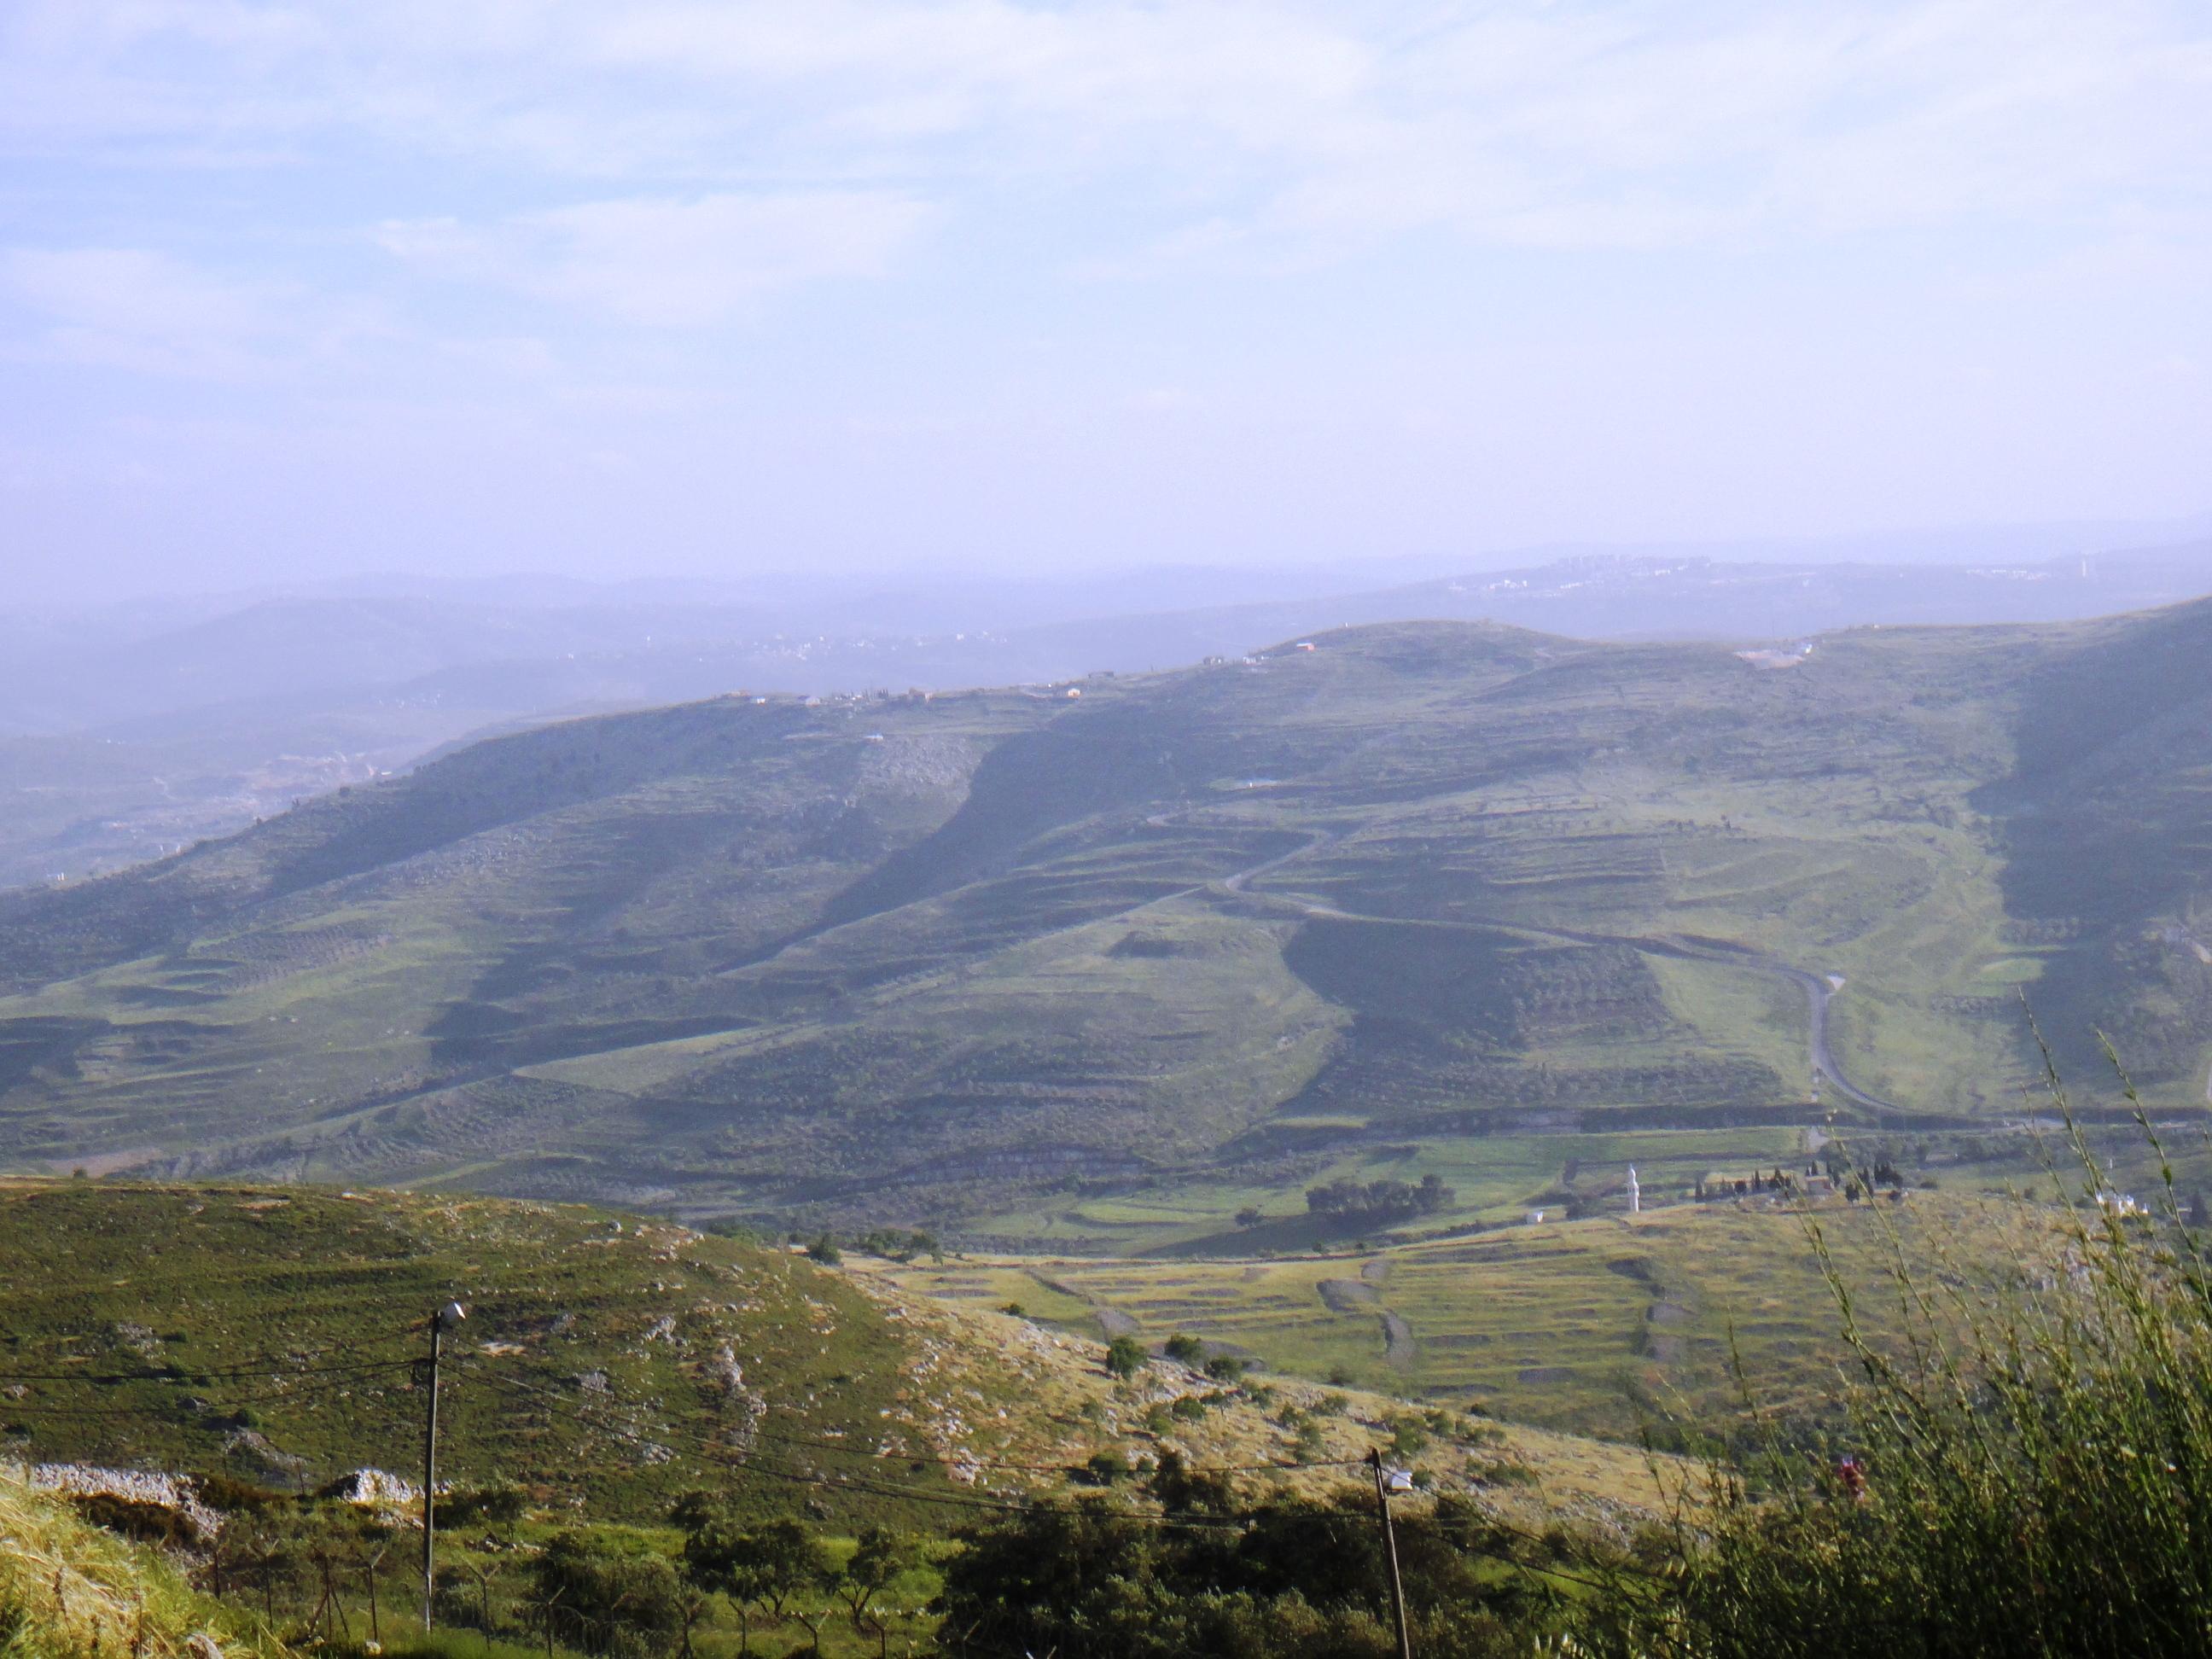 上图:撒马利亚周围的山谷和群山,撒马利亚山被称为「肥美谷的山」(赛二十八1)。